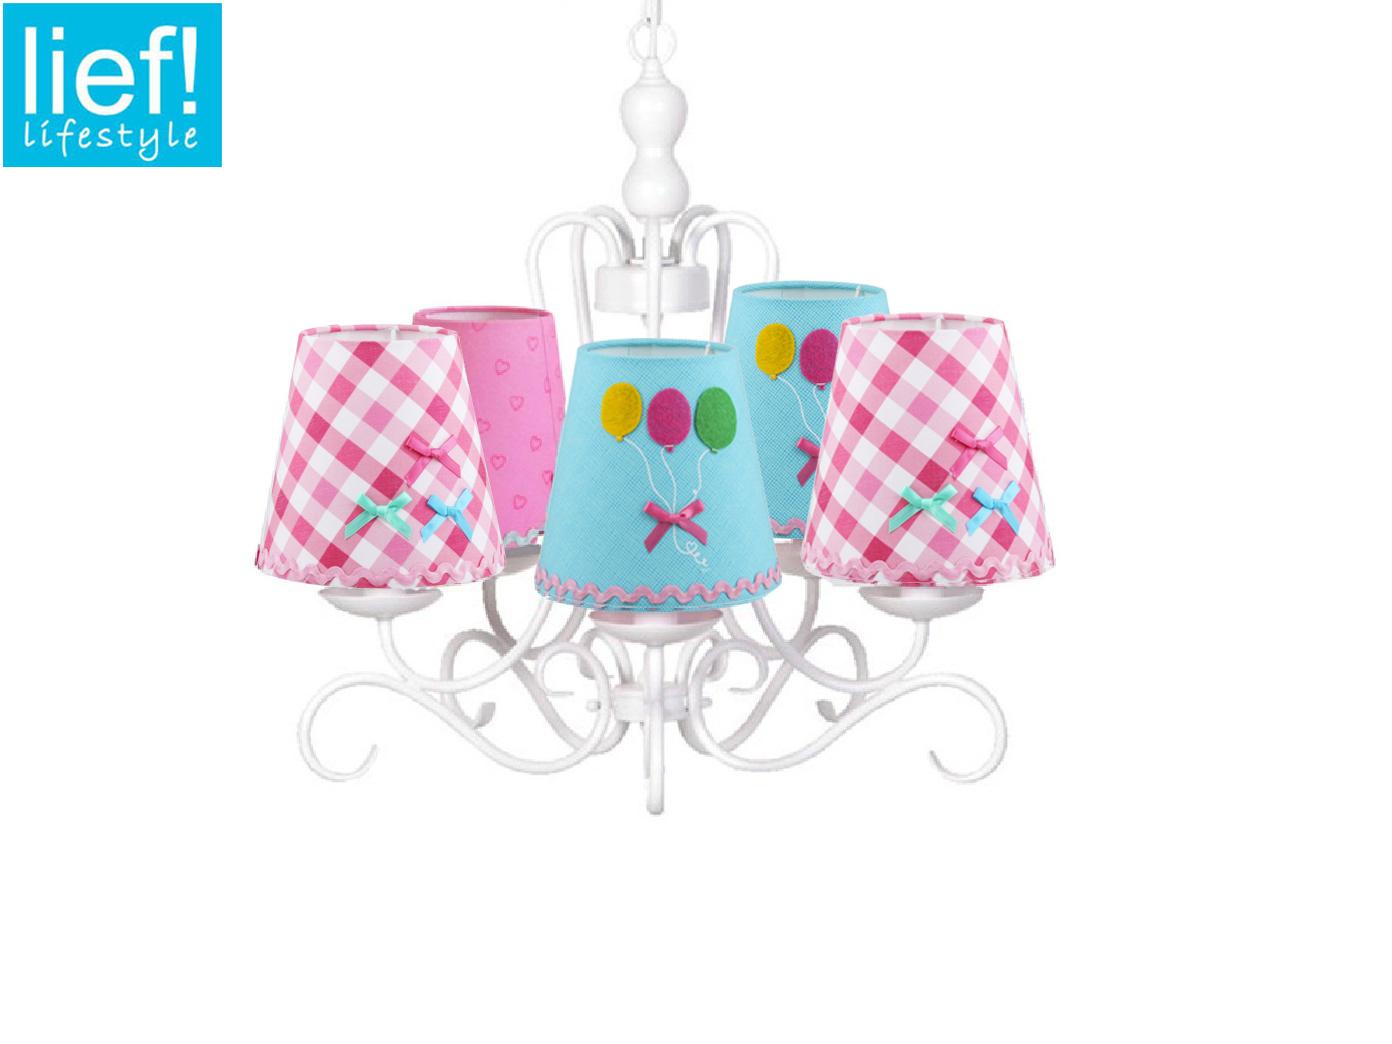 KINDER KRONLEUCHTER WEISS - Lampenschirme bunt - Hänge Lampen fürs  Kinderzimmer